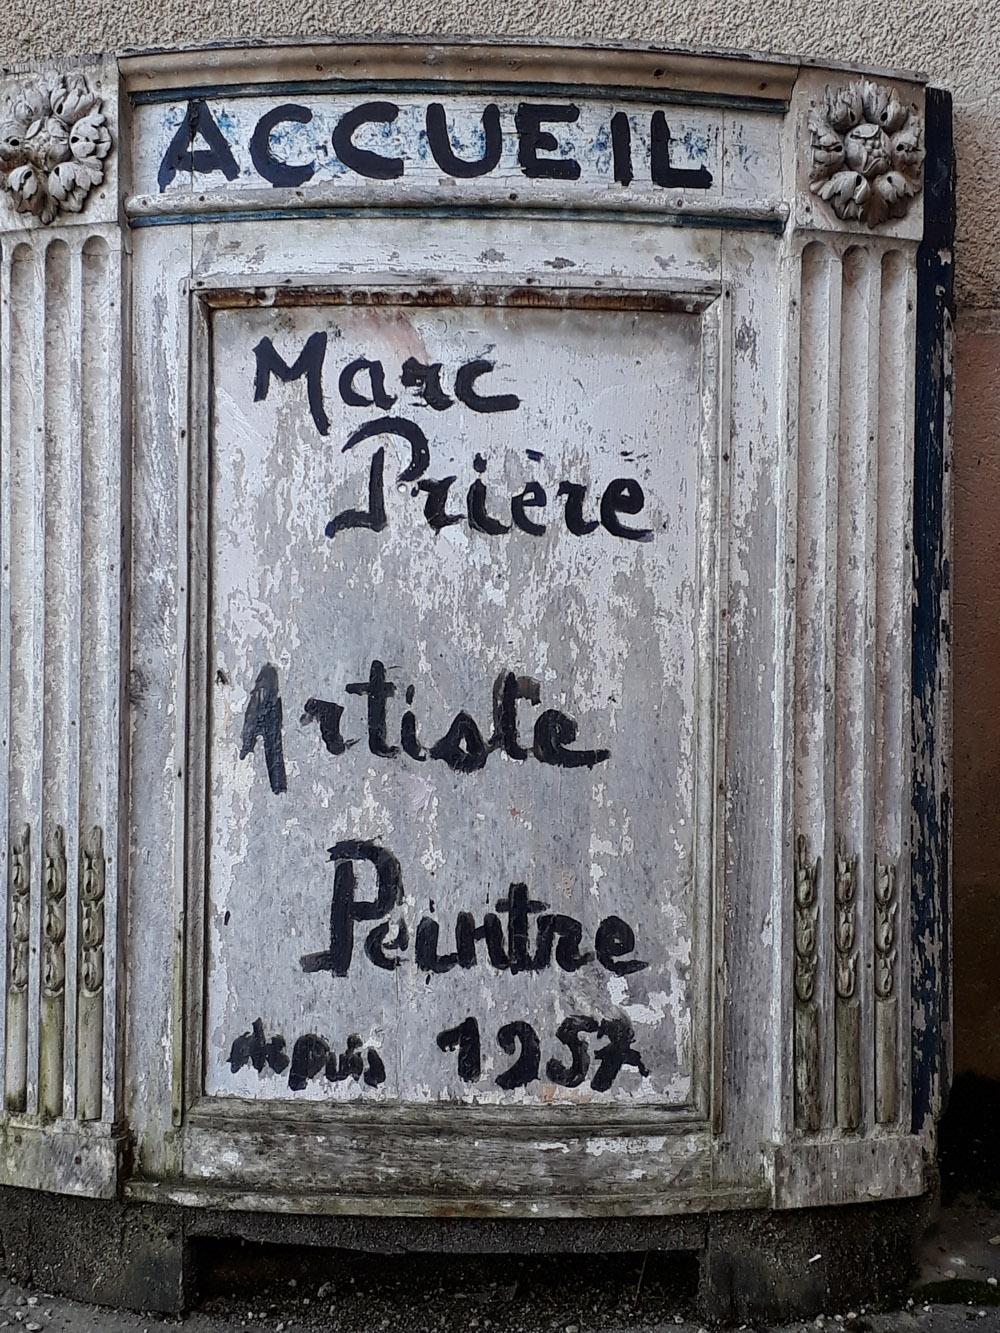 Marc Prière Peintre